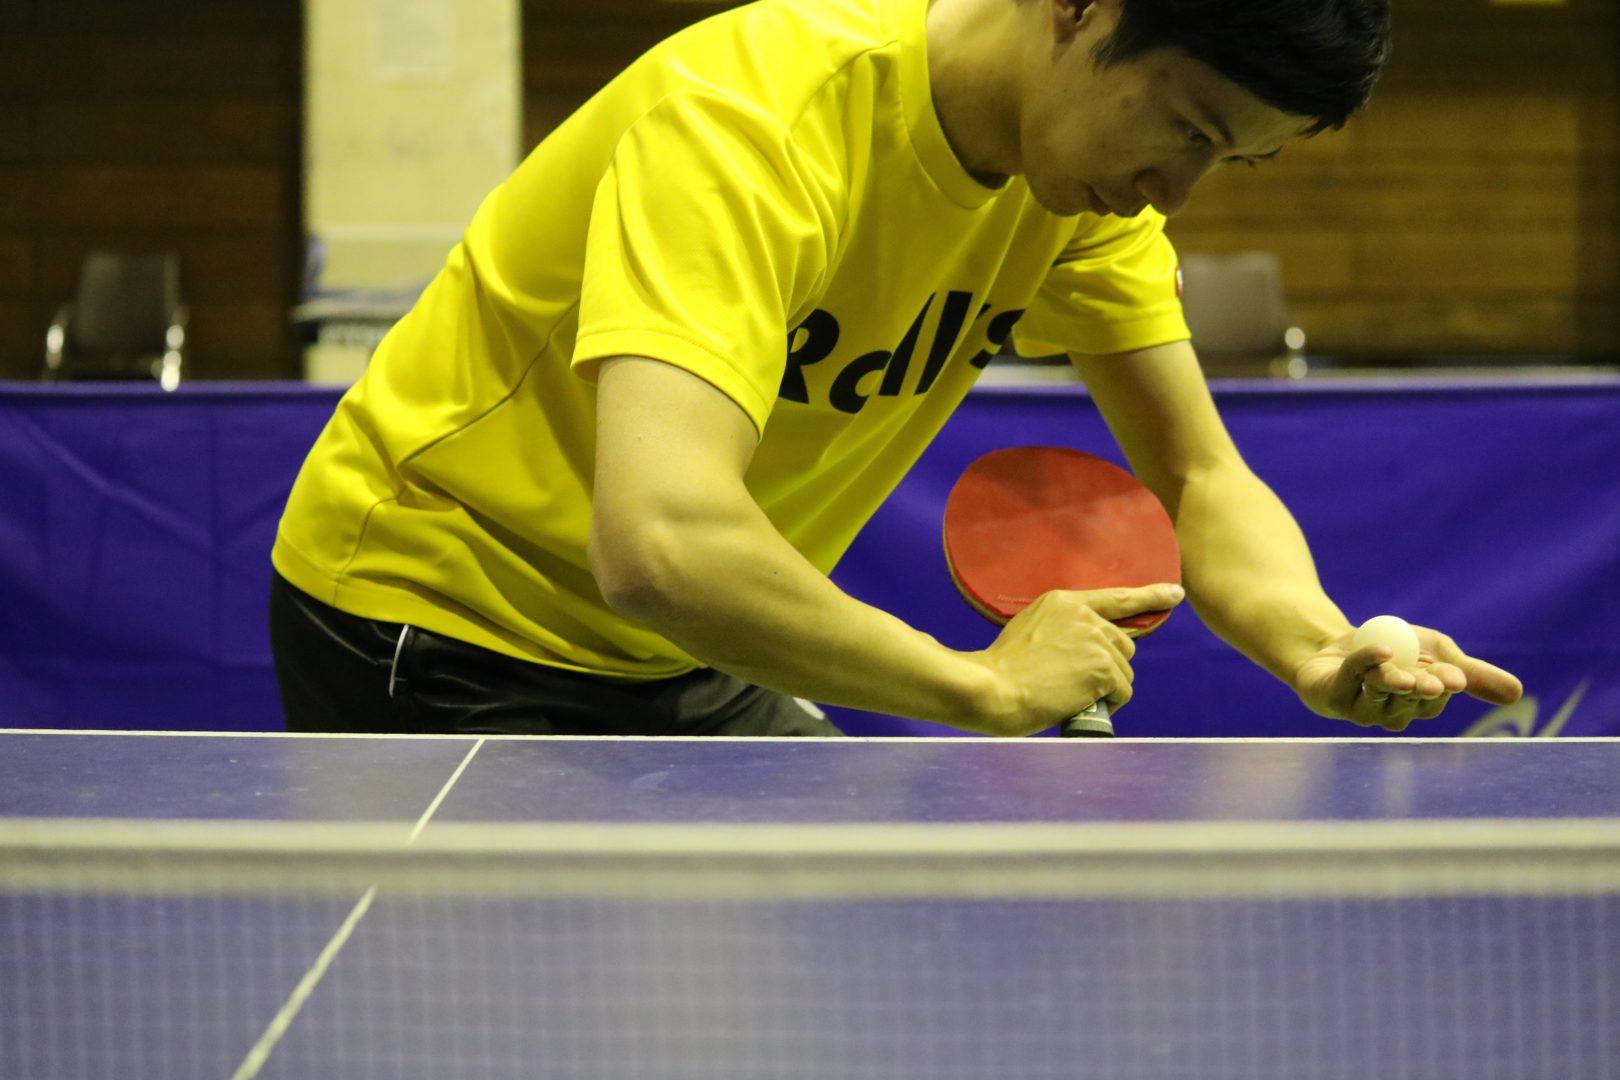 【初心者必見】1人でできる卓球のサーブ練習方法 6つのポイントとコツ(前篇)